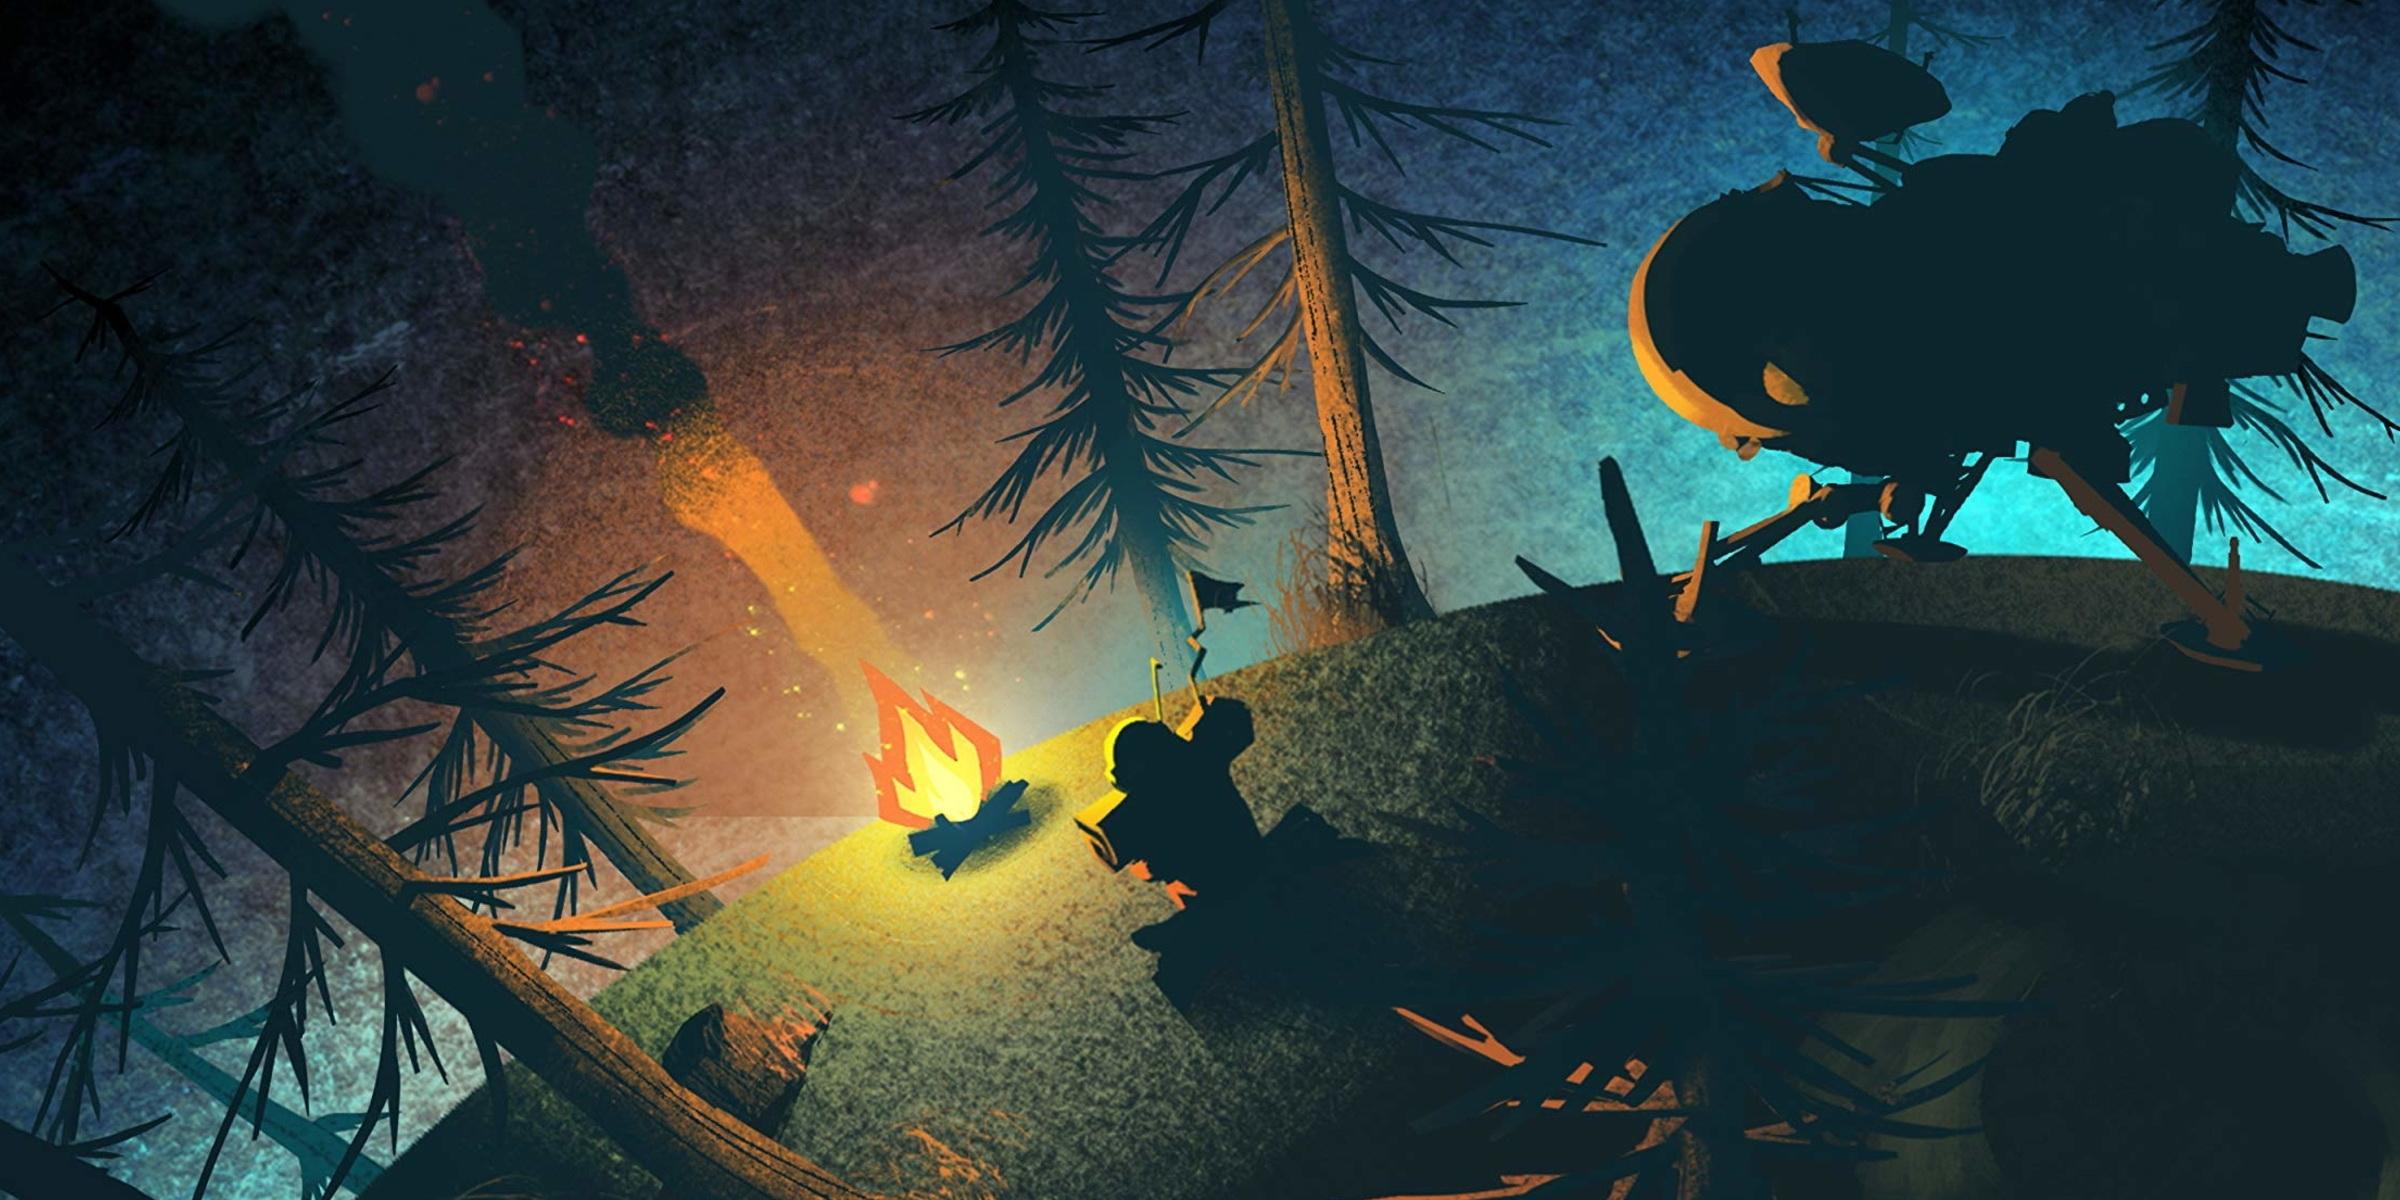 неММО: Outer Wilds: ночь, ледяная рябь квазара, маршмеллоу, банджо и фонарь